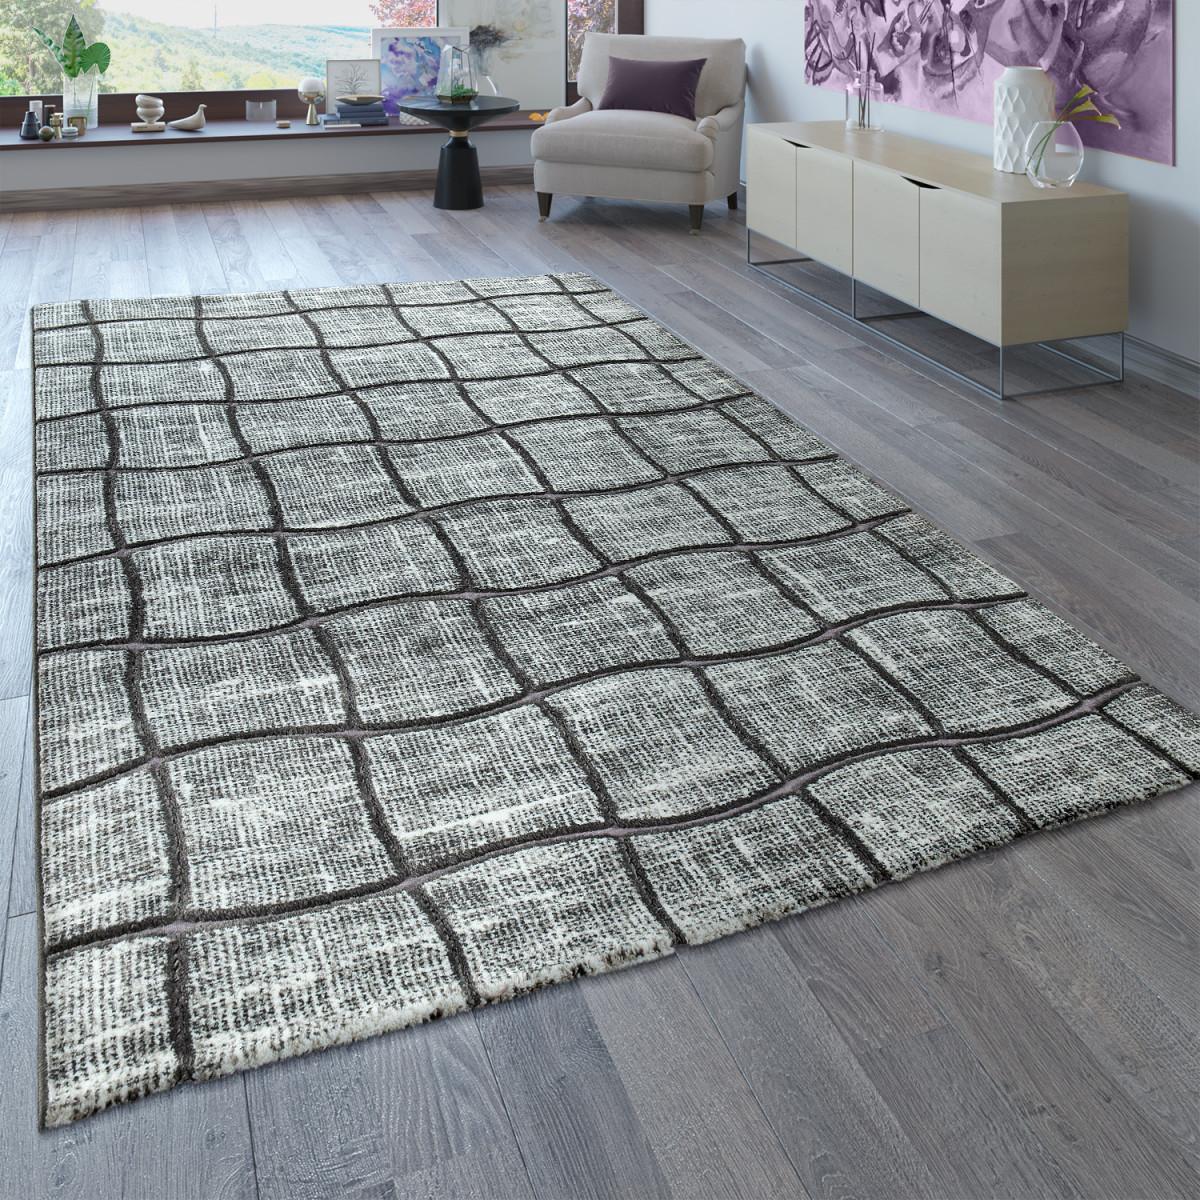 Designer Teppich Wohnzimmer Grau Anthrazit 3D Karo Muster Abstrakt Kurzflor von Designer Teppich Wohnzimmer Photo